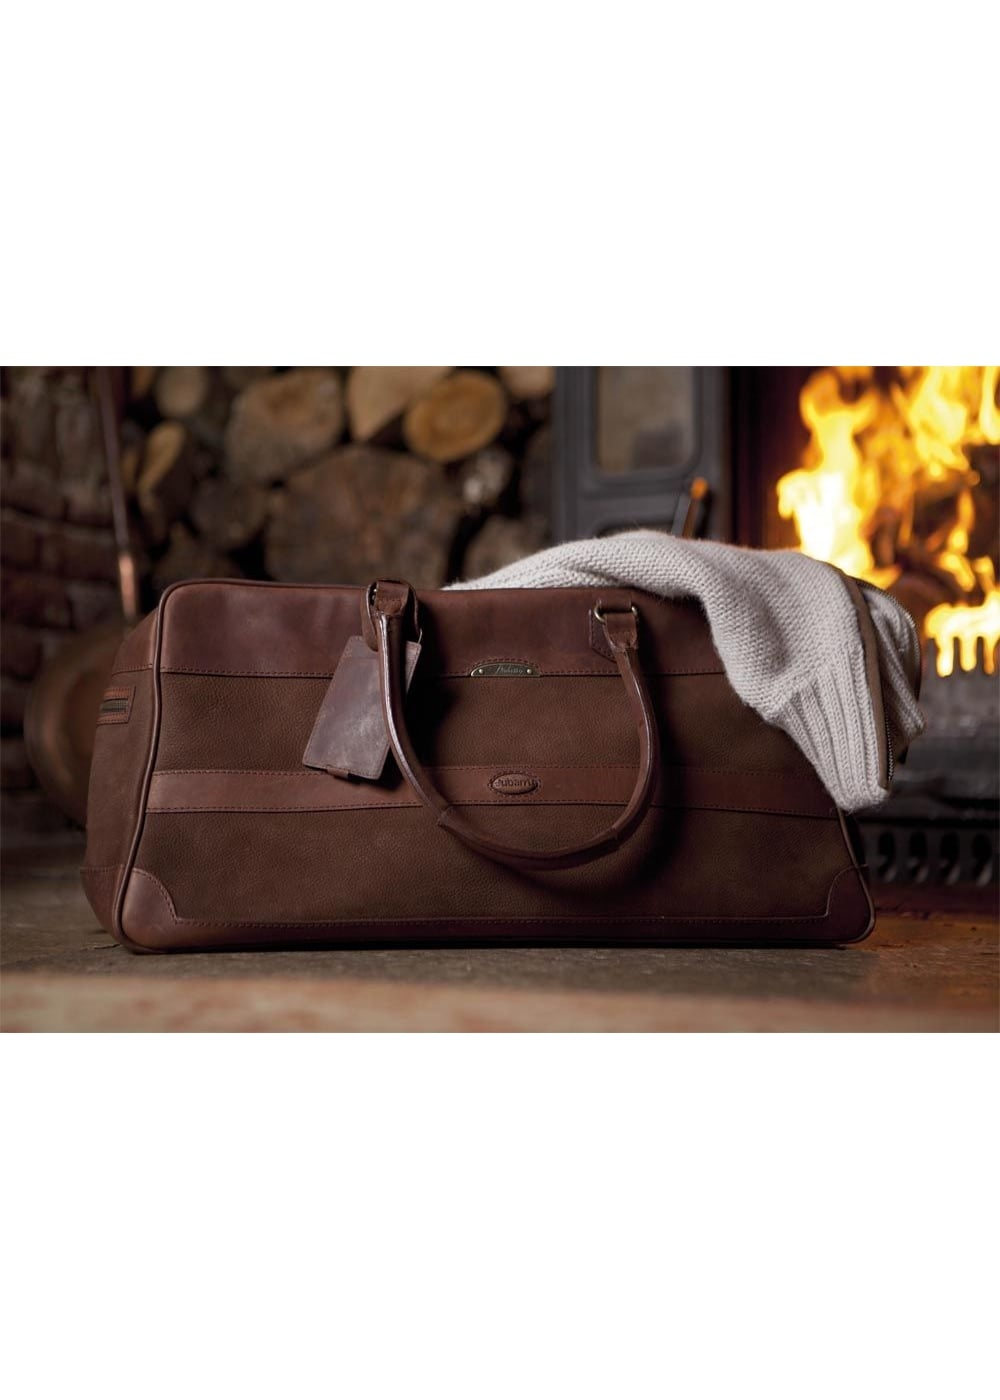 8fa73d11690 Dubarry Durrow Weekend Bag- A Hume